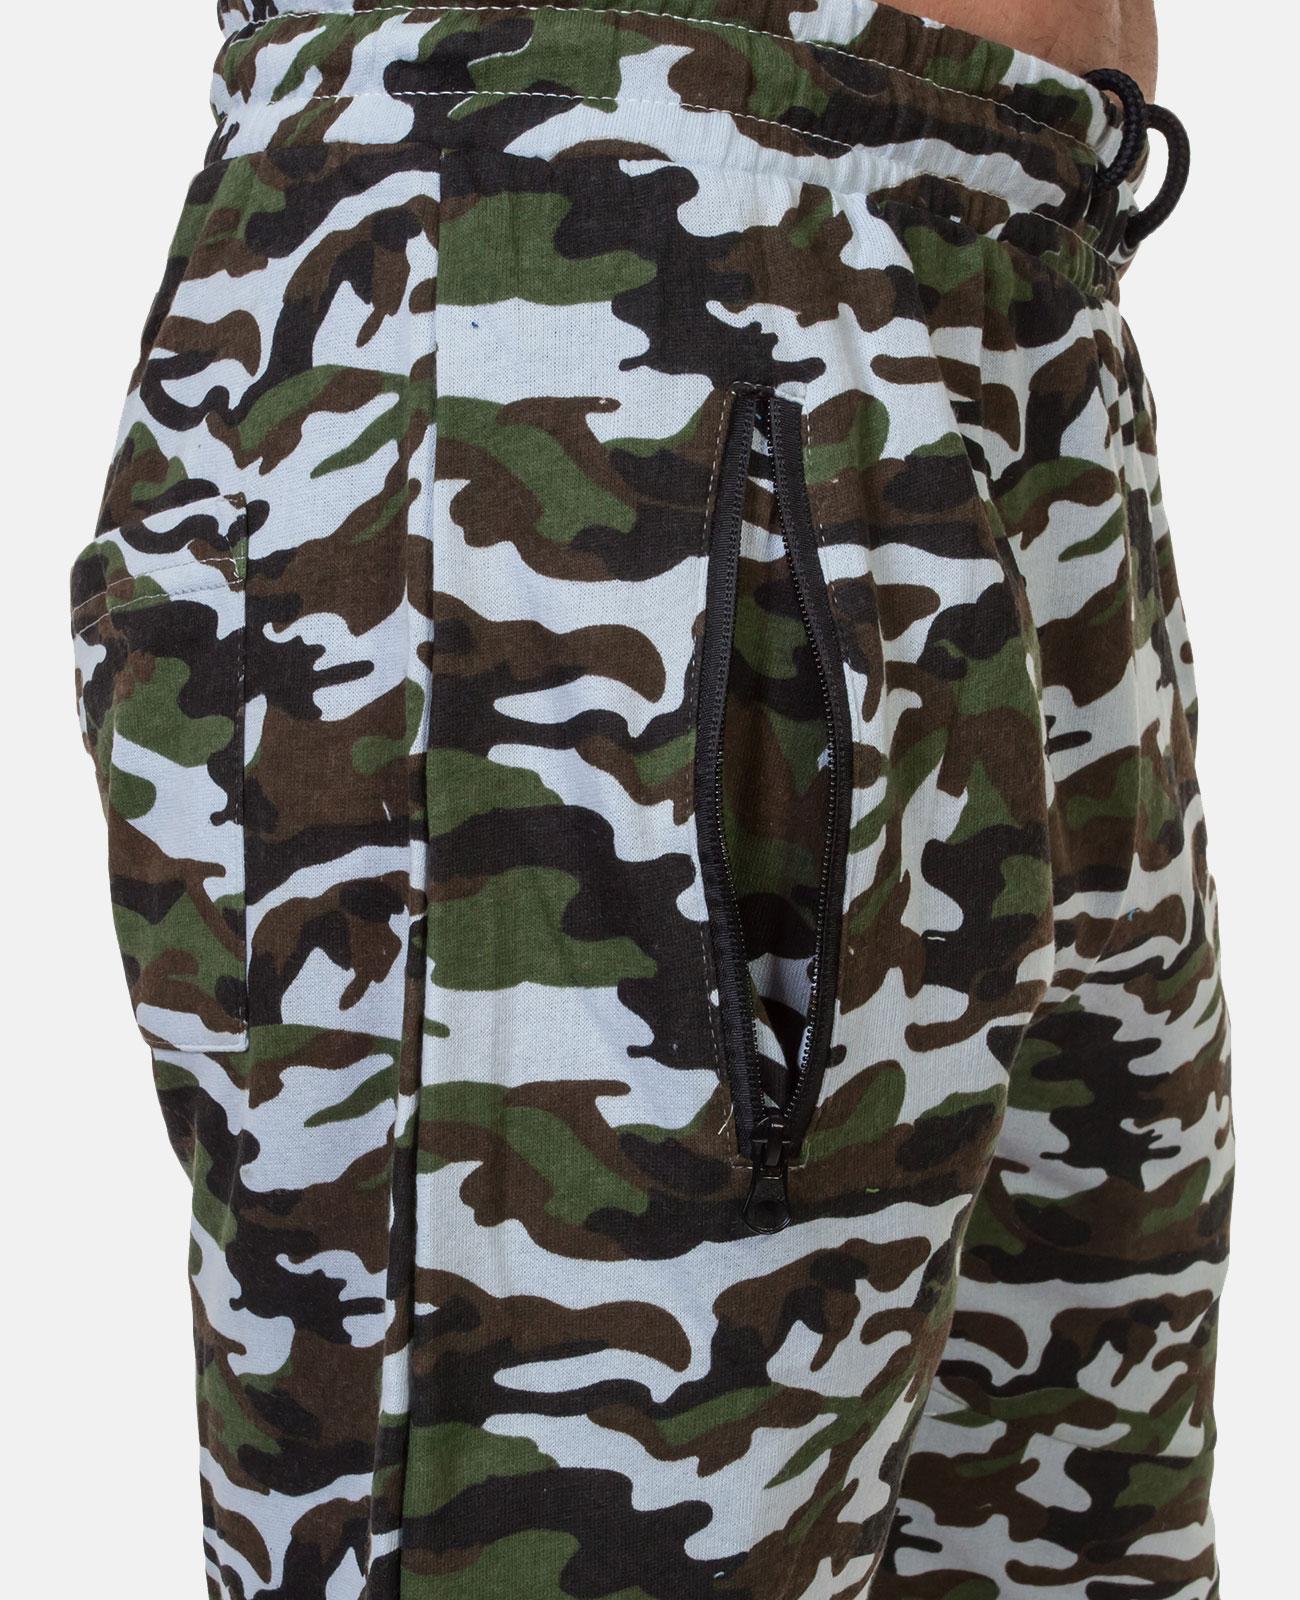 Контрастные камуфляжные шорты с нашивкой РВСН - заказать в розницу